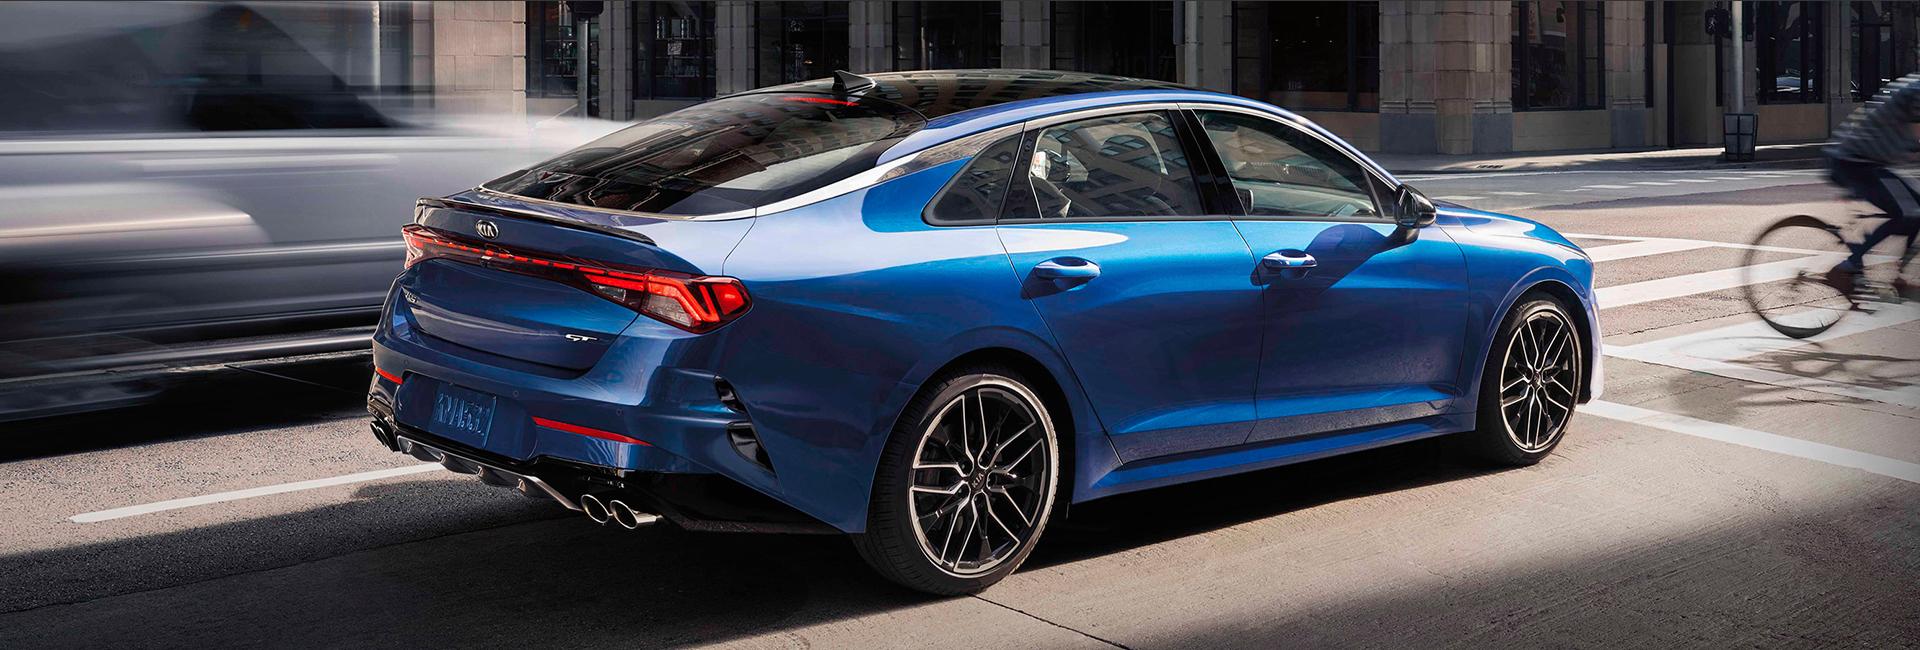 Blue 2021 K5 in motion